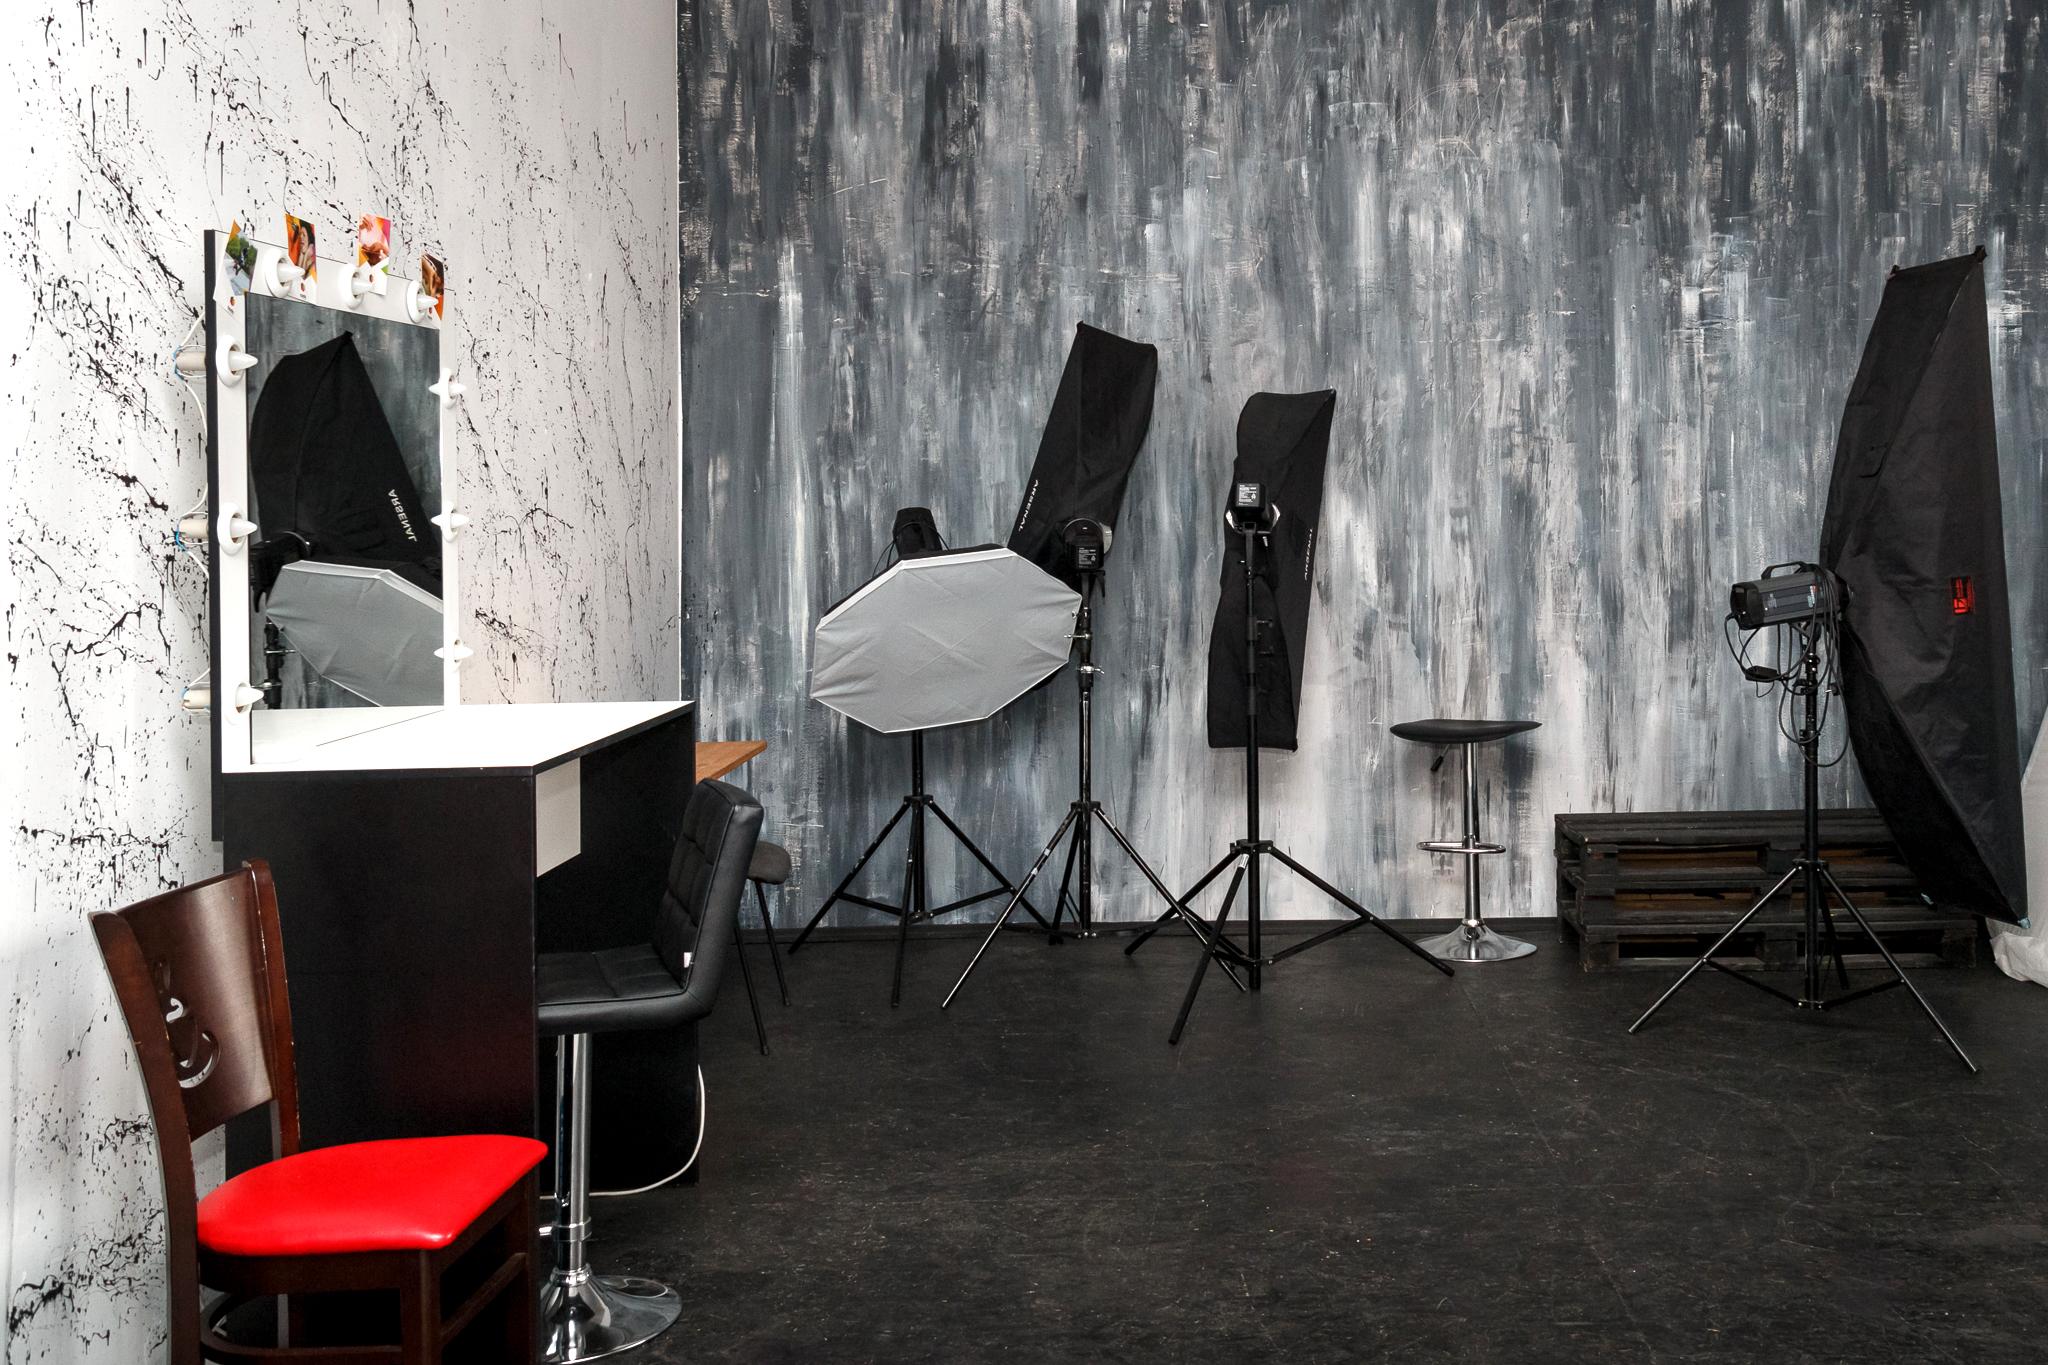 Малый зал в фотостудии Frontpage, оборудование, фактурные стены, визажный стол